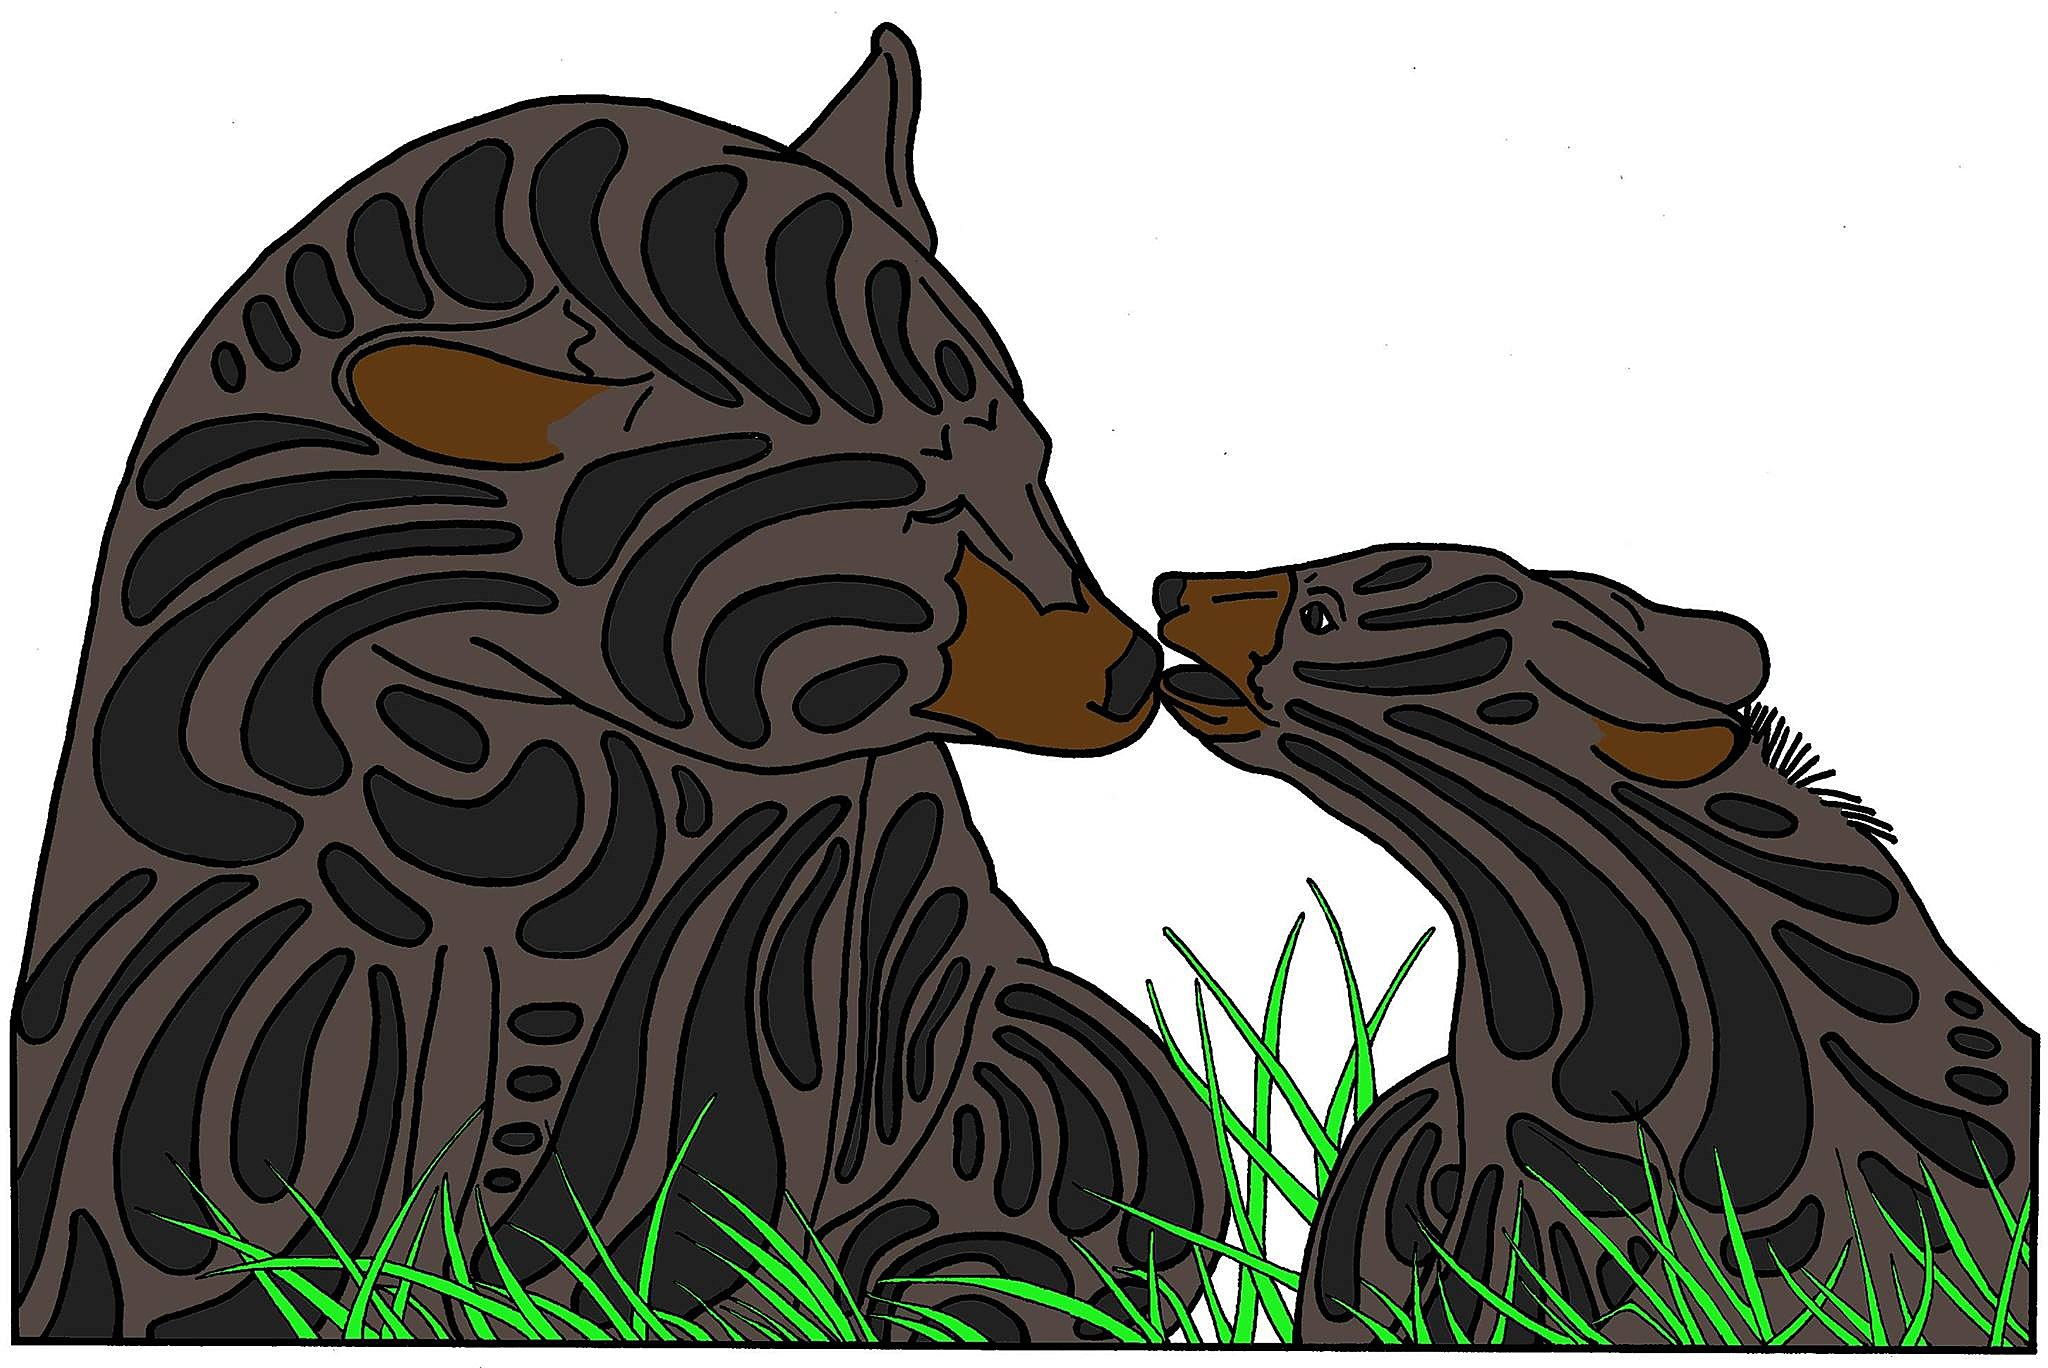 Bayou Teche Black Bear Festival April 17-19 in Franklin